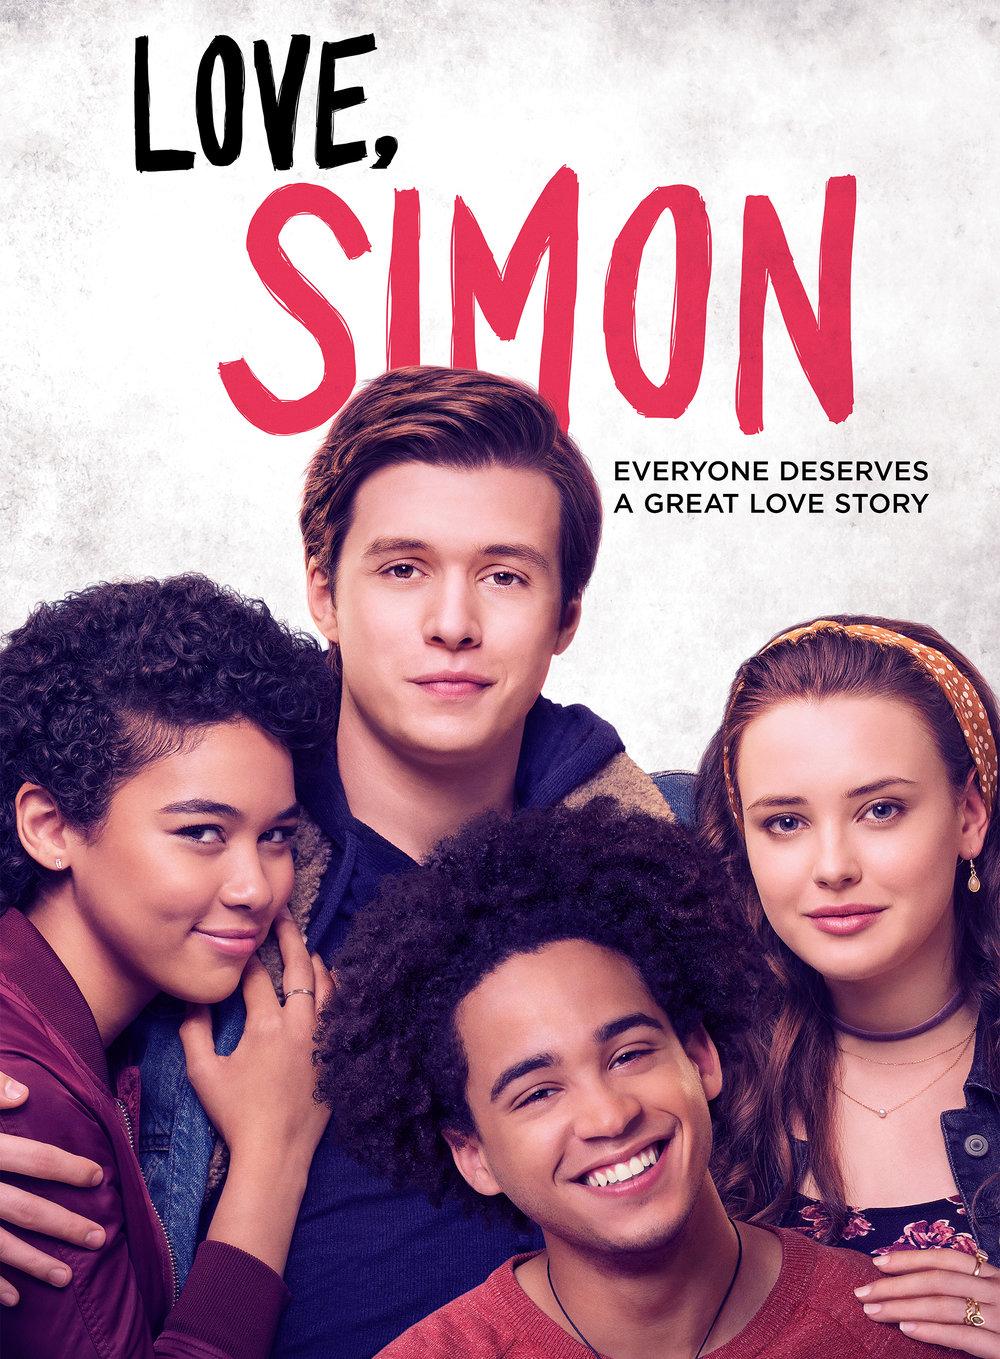 LOVE, SIMON POSTER.JPG